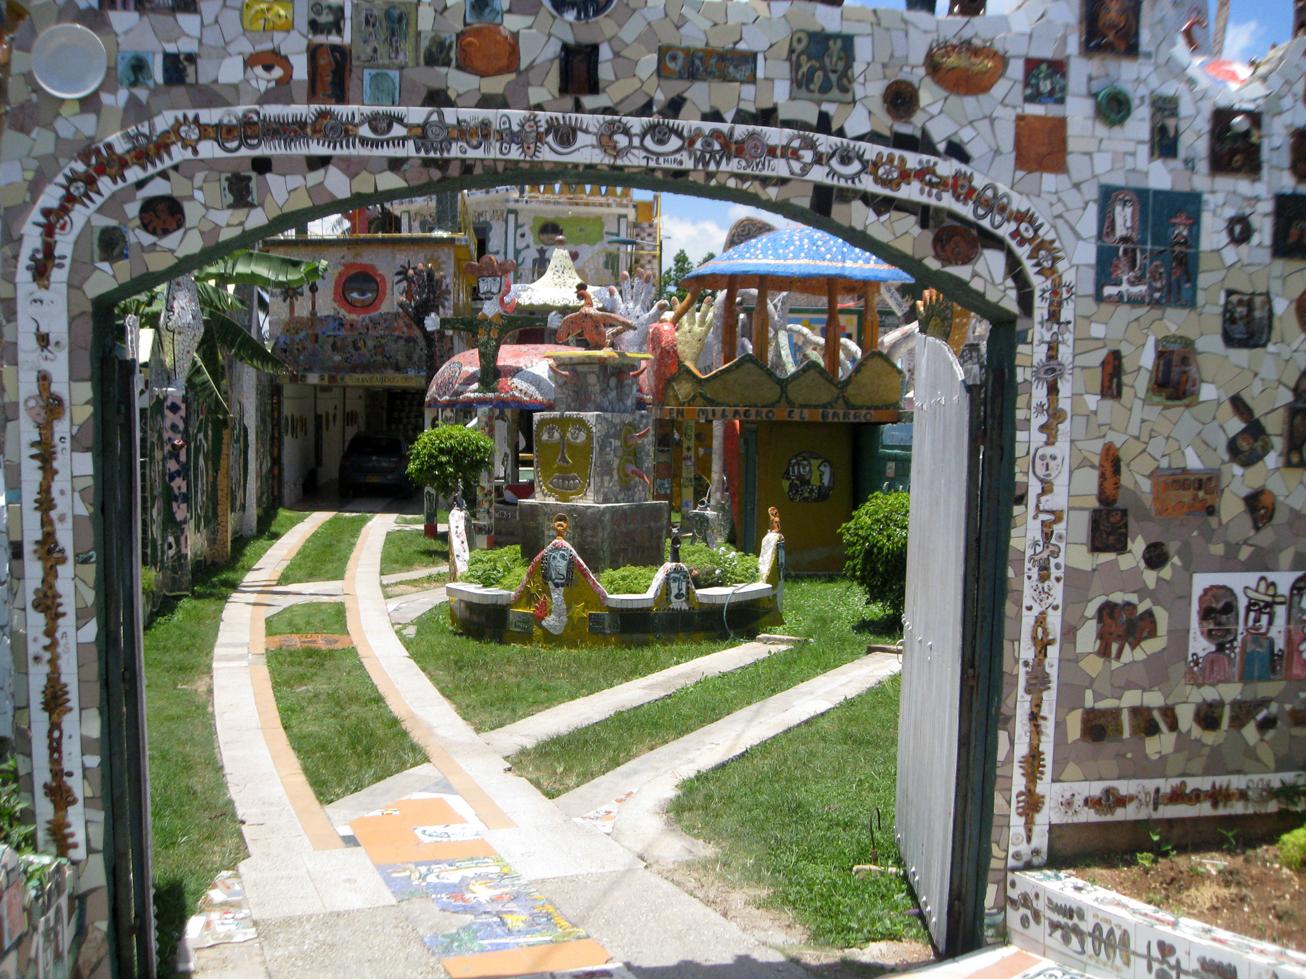 http://www.artsobserver.com/wp-content/uploads/2012/07/IMG_8026.jpg